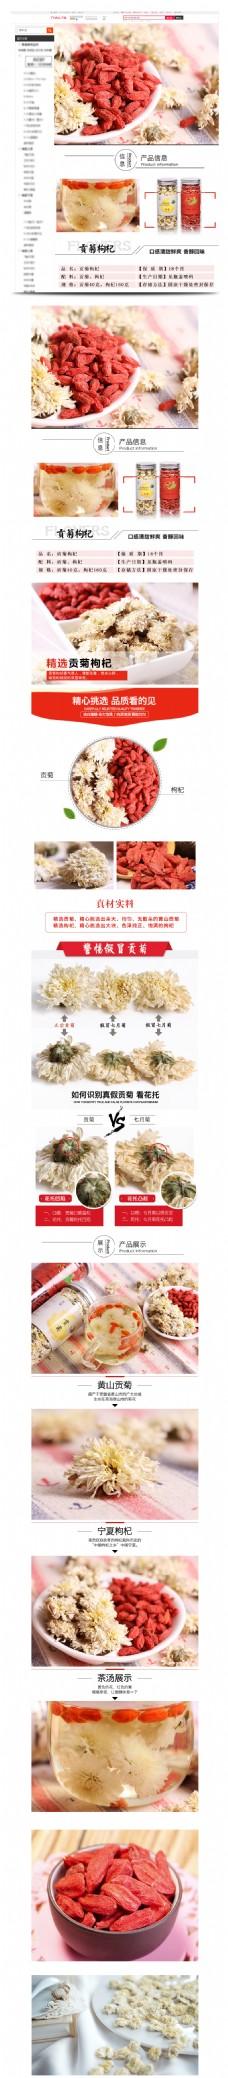 淘宝天猫枸杞菊花茶详情页描述模板PSD